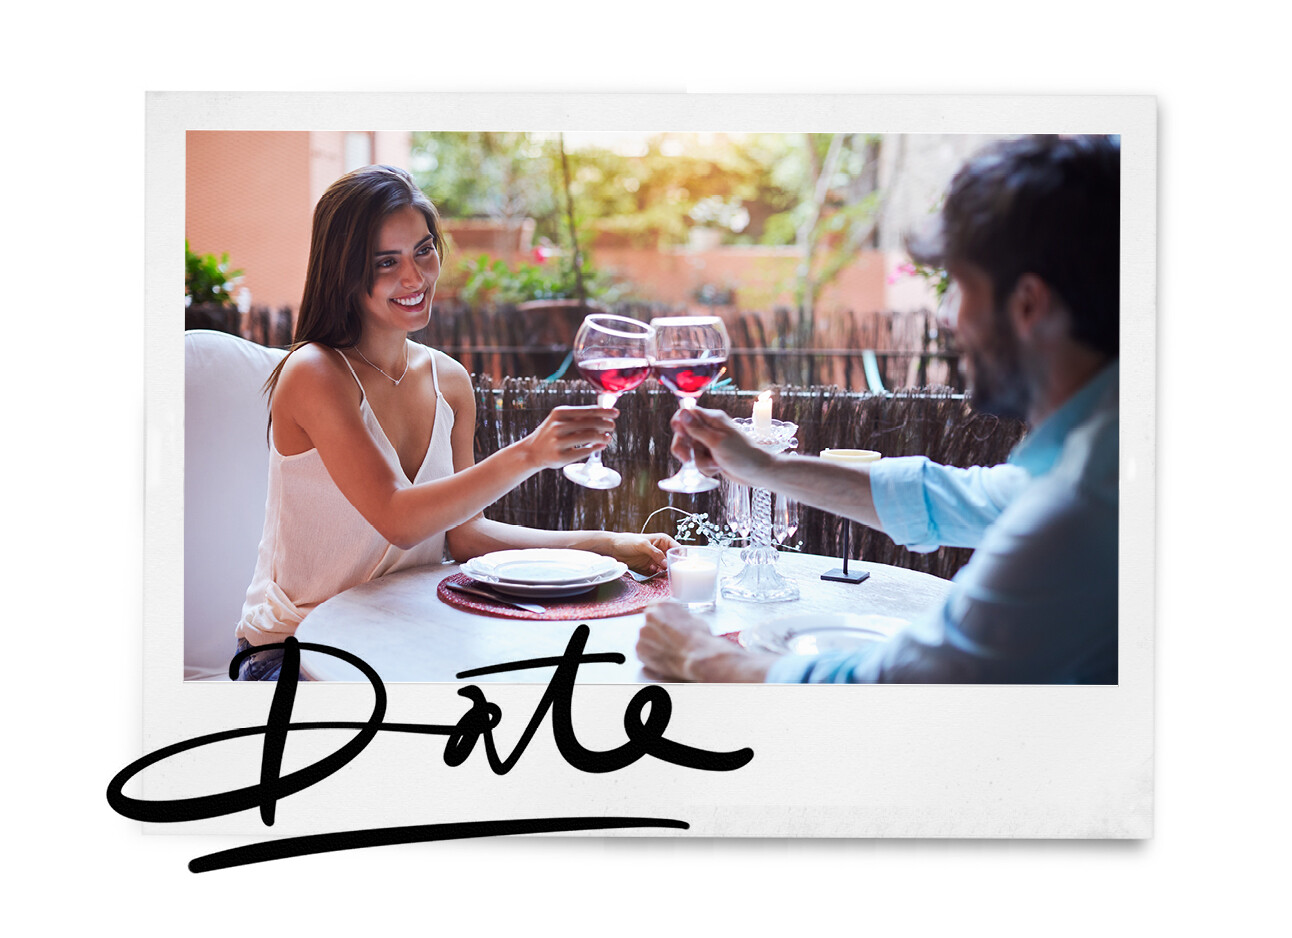 Man en vrouw daten met een glas wijn